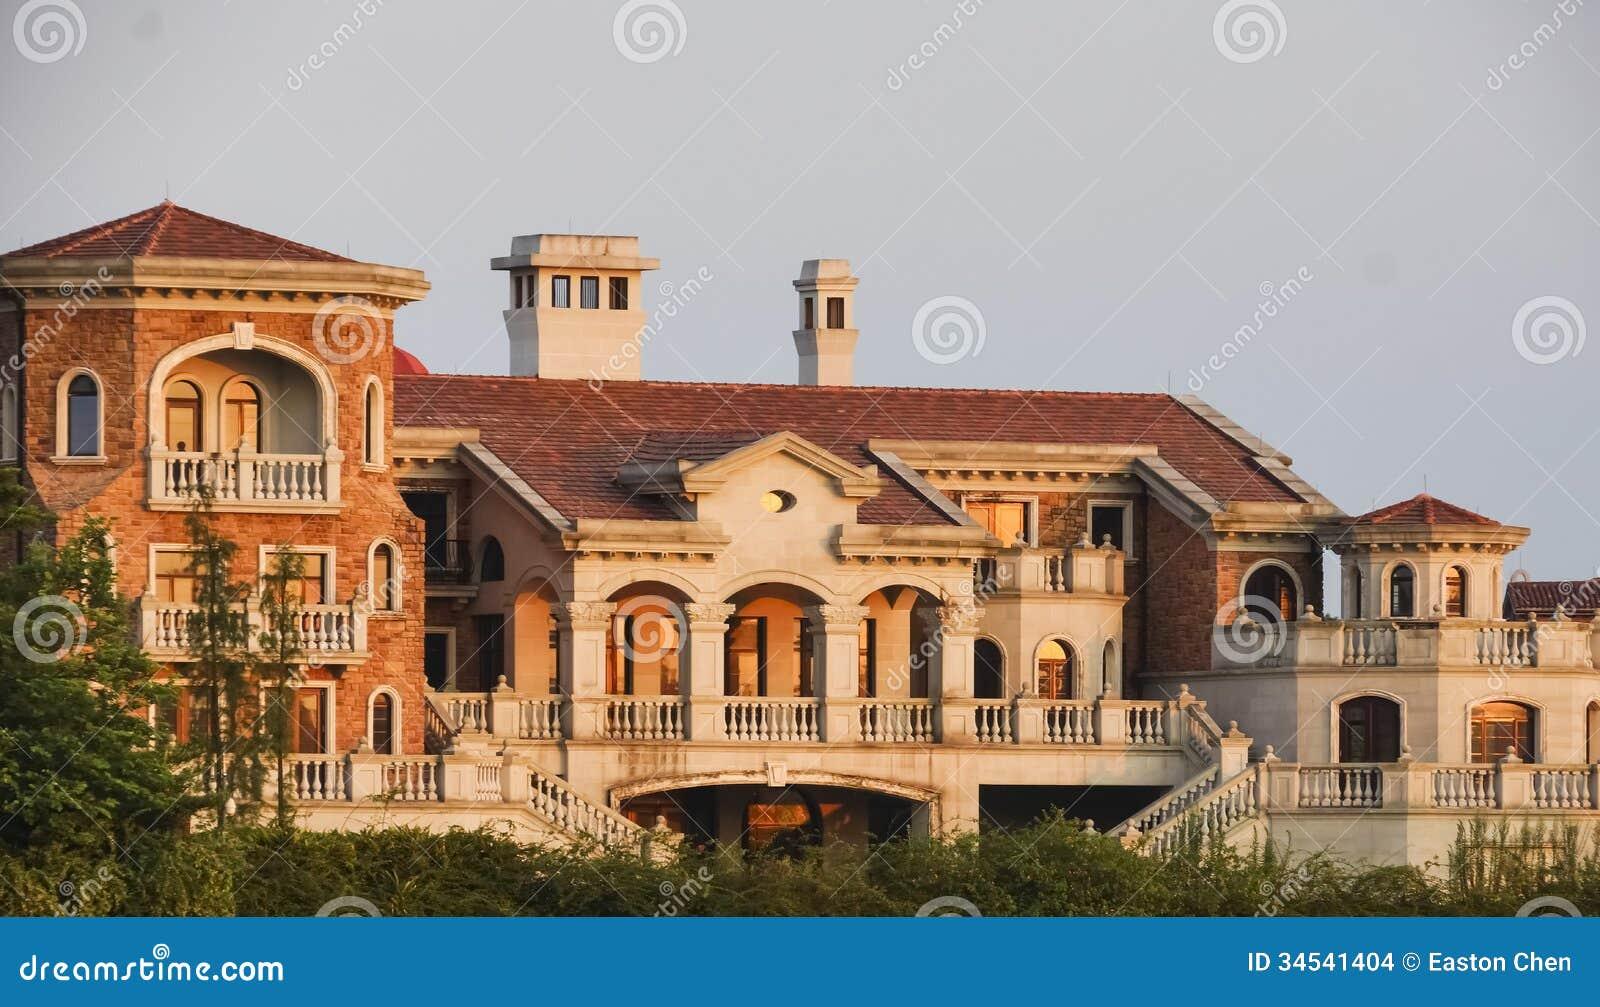 European Style Columns : European style architecture stock photo image